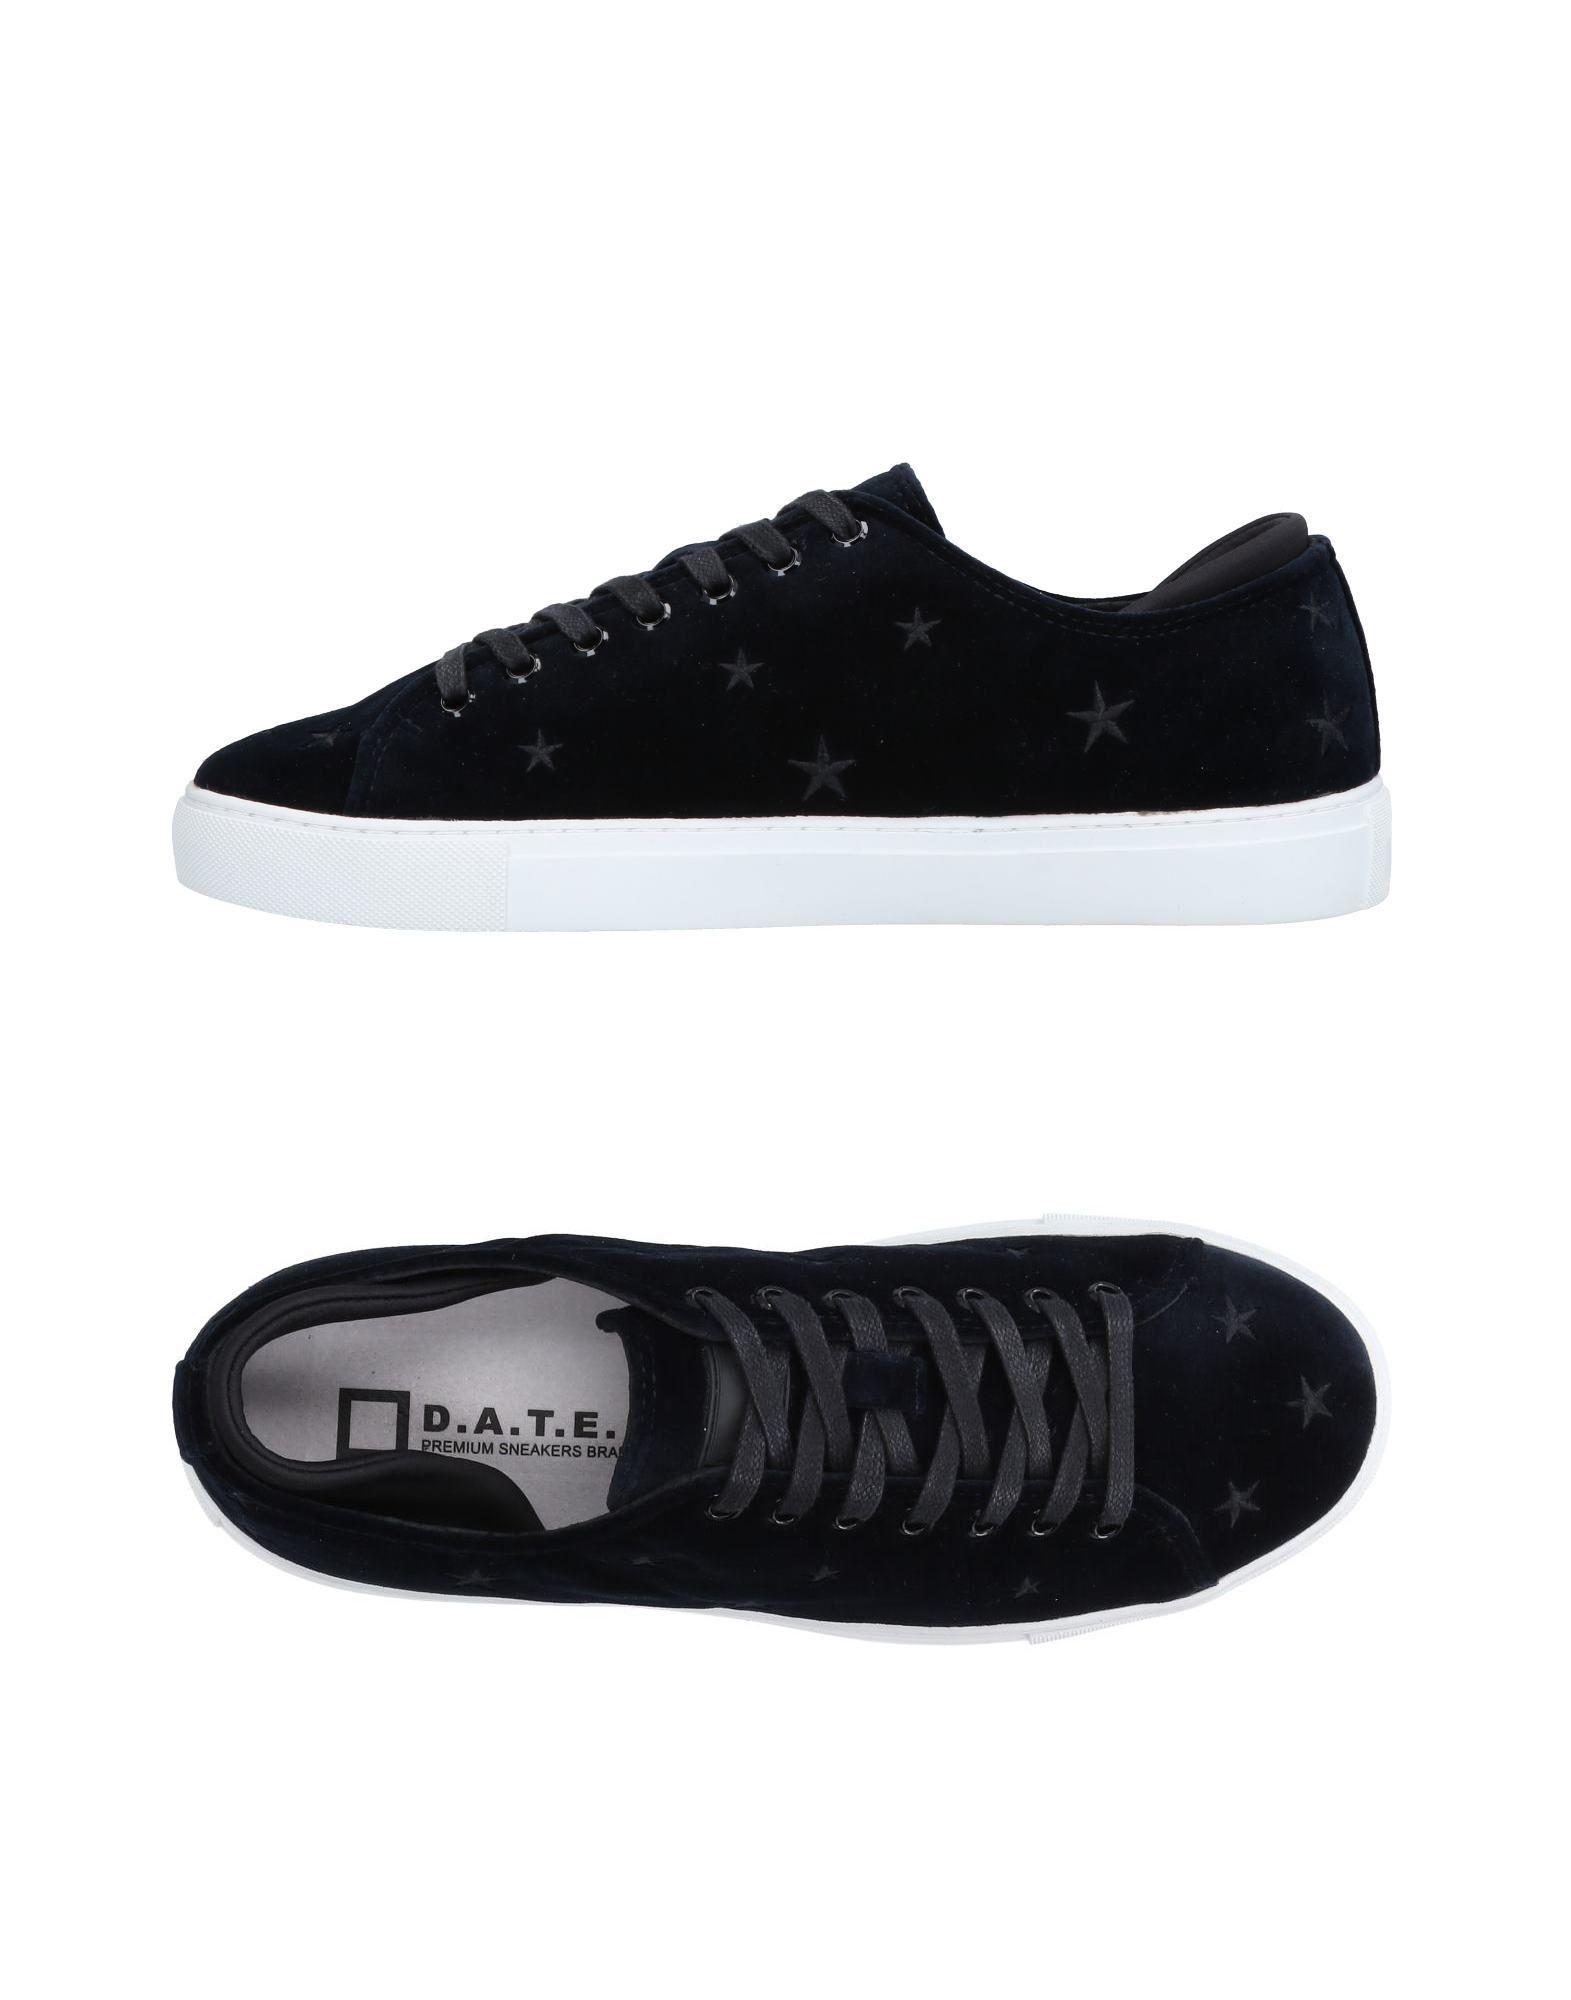 Moda 11510378GI Sneakers D.A.T.E. Uomo - 11510378GI Moda 9c6e60